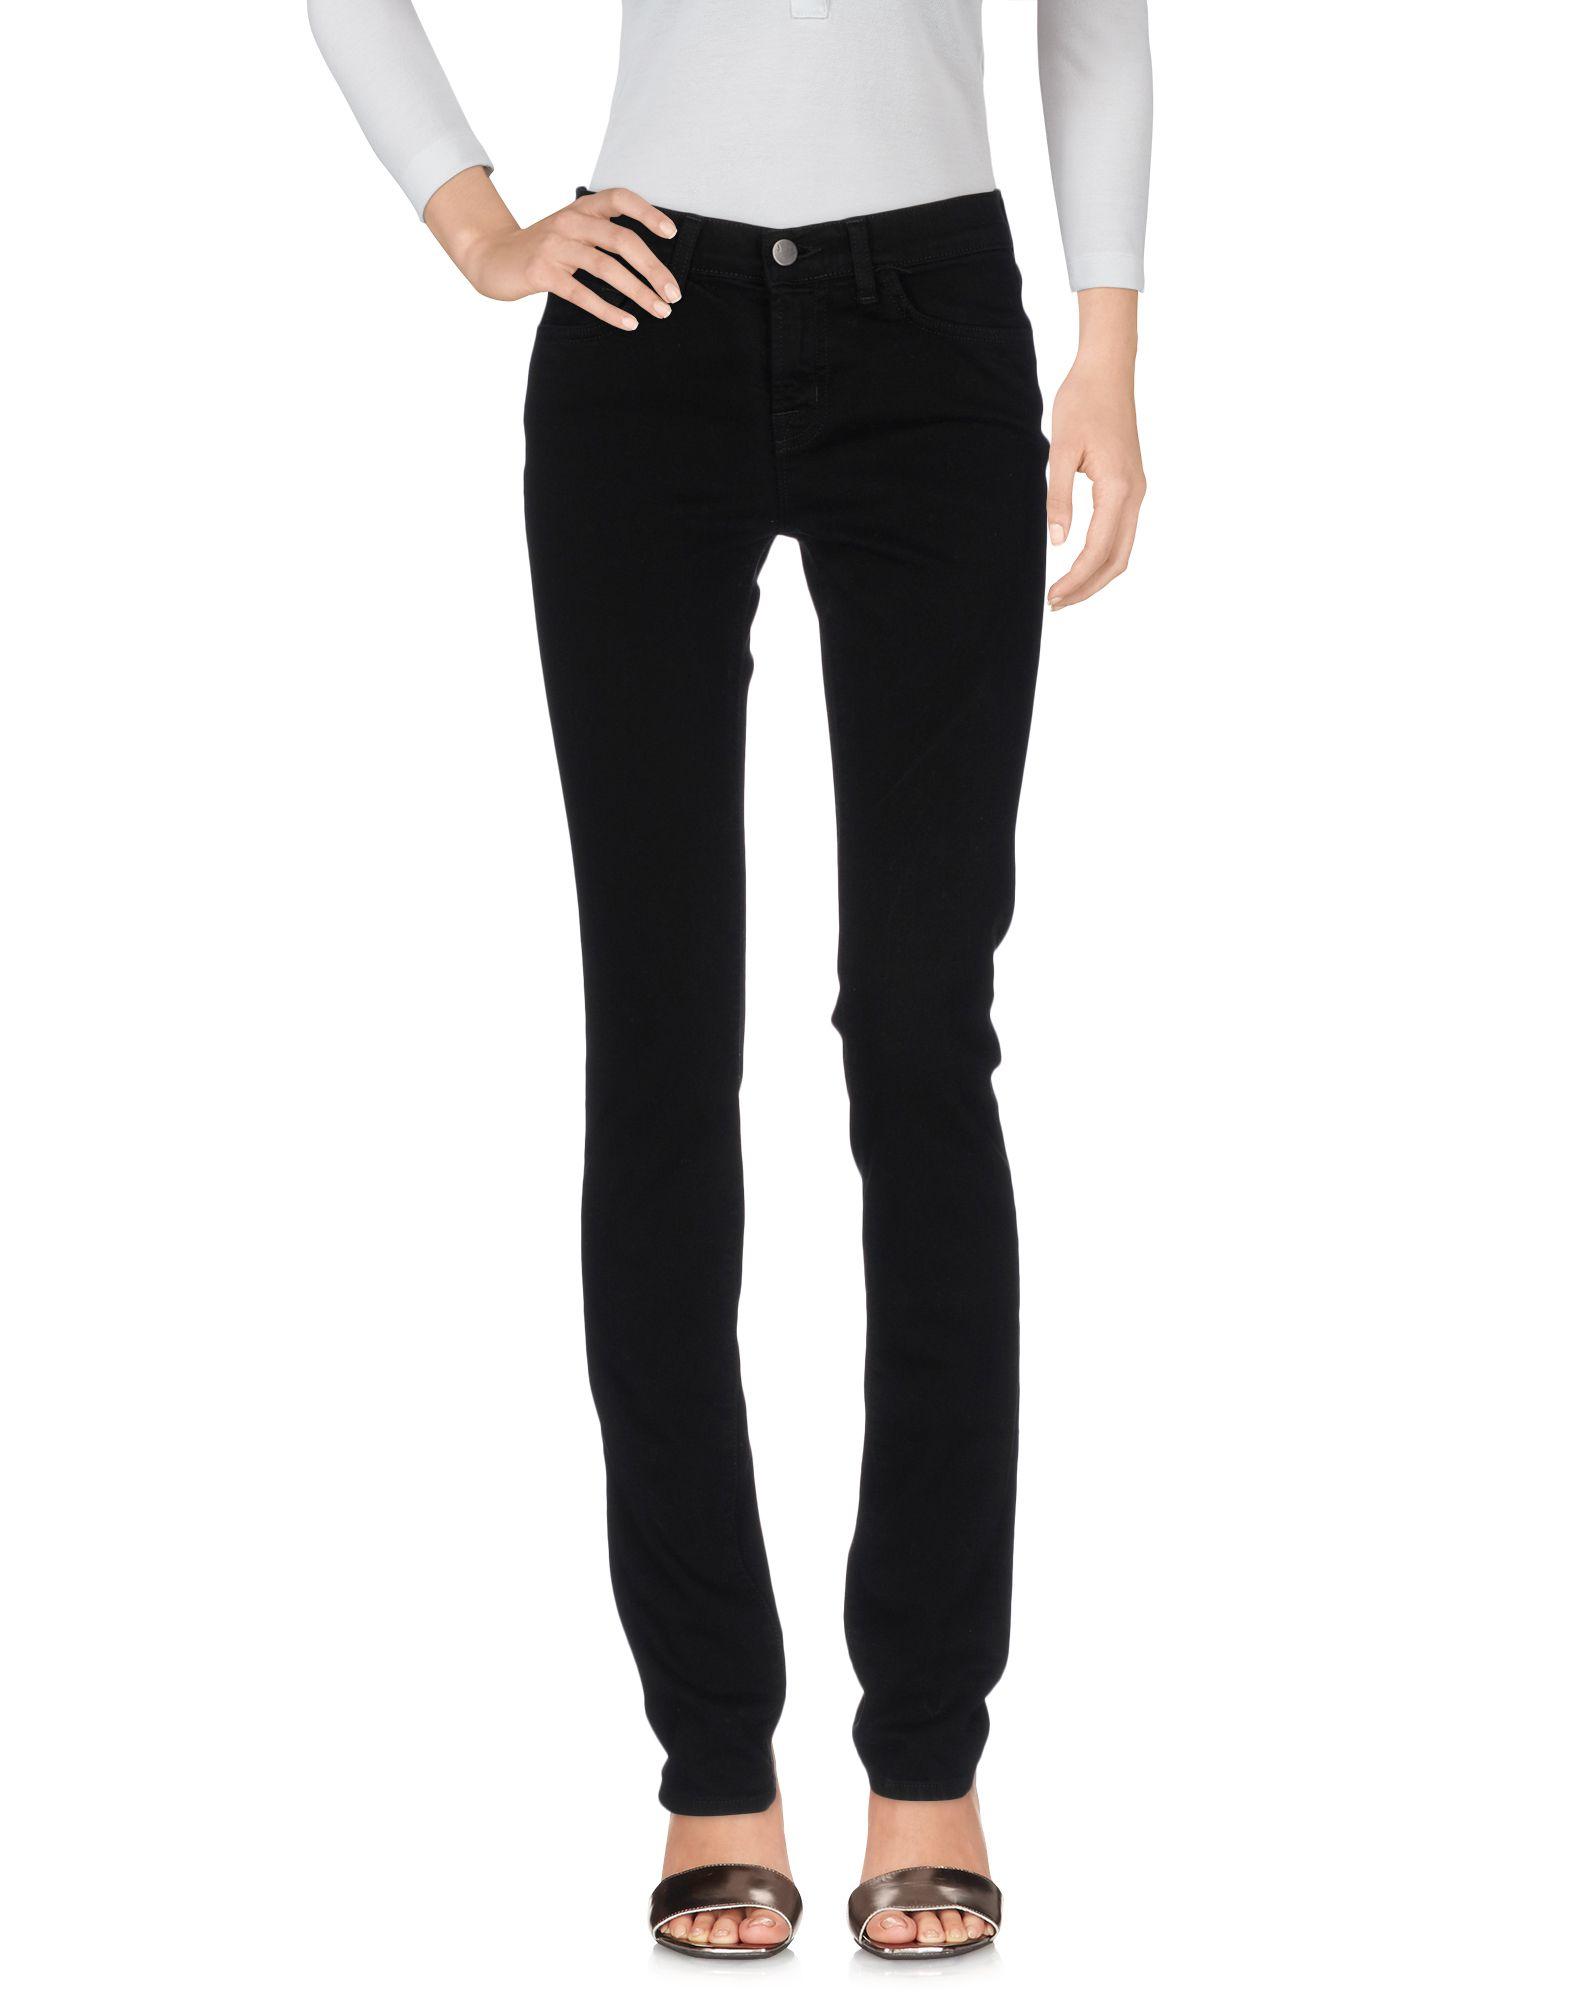 J Jeans De Pantalons Ligne À Les Marque FemmeAcheter En 5A4RjL3